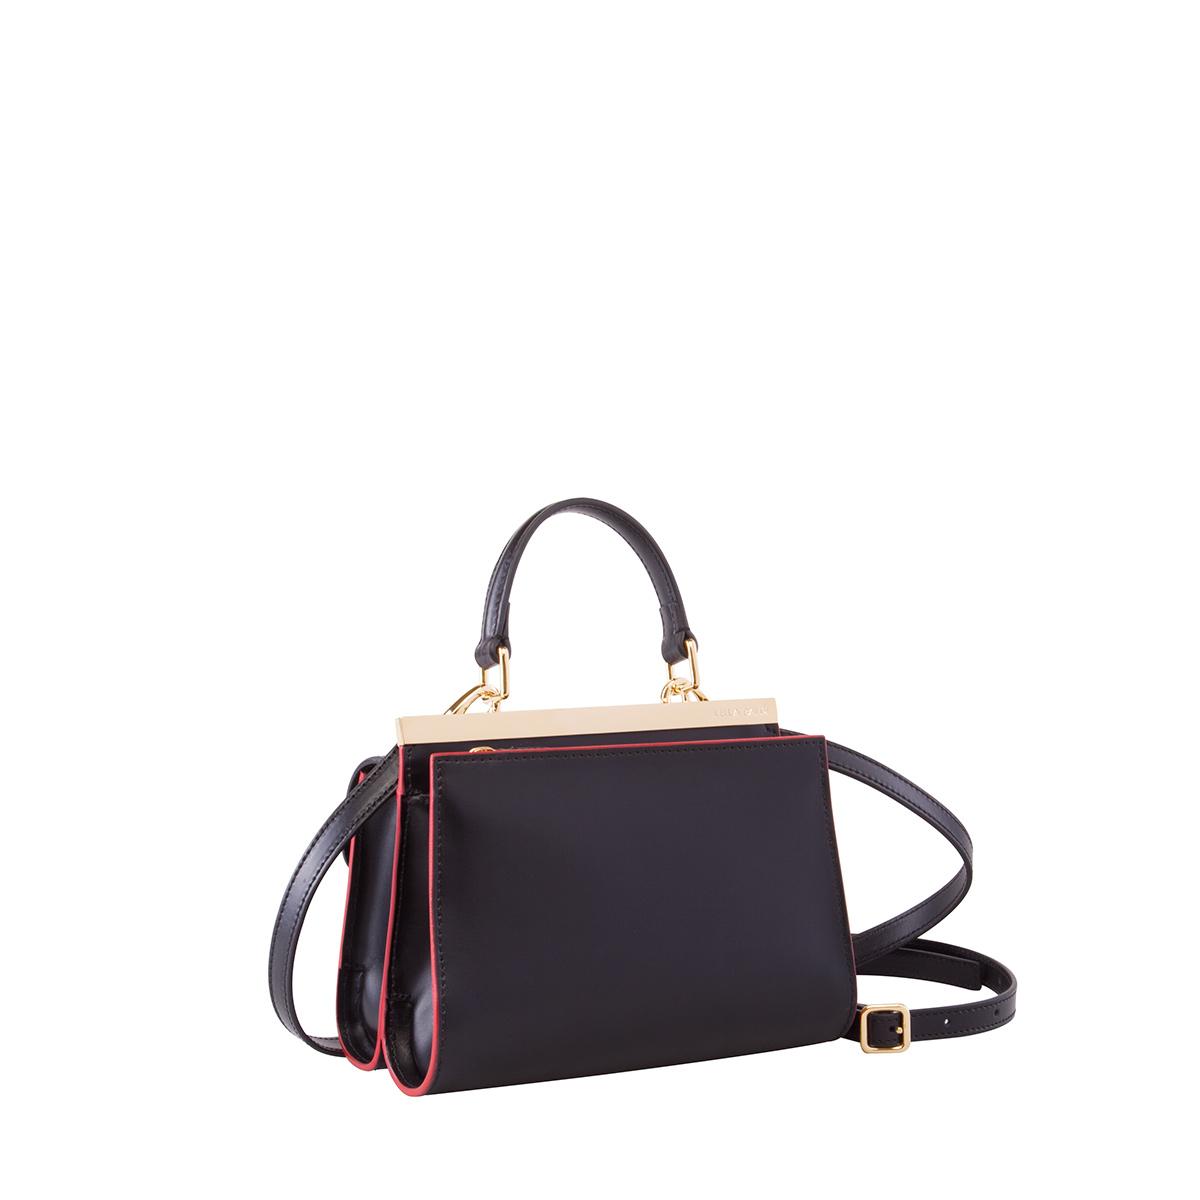 Wavy Bag Clutch, Nero-Rosso